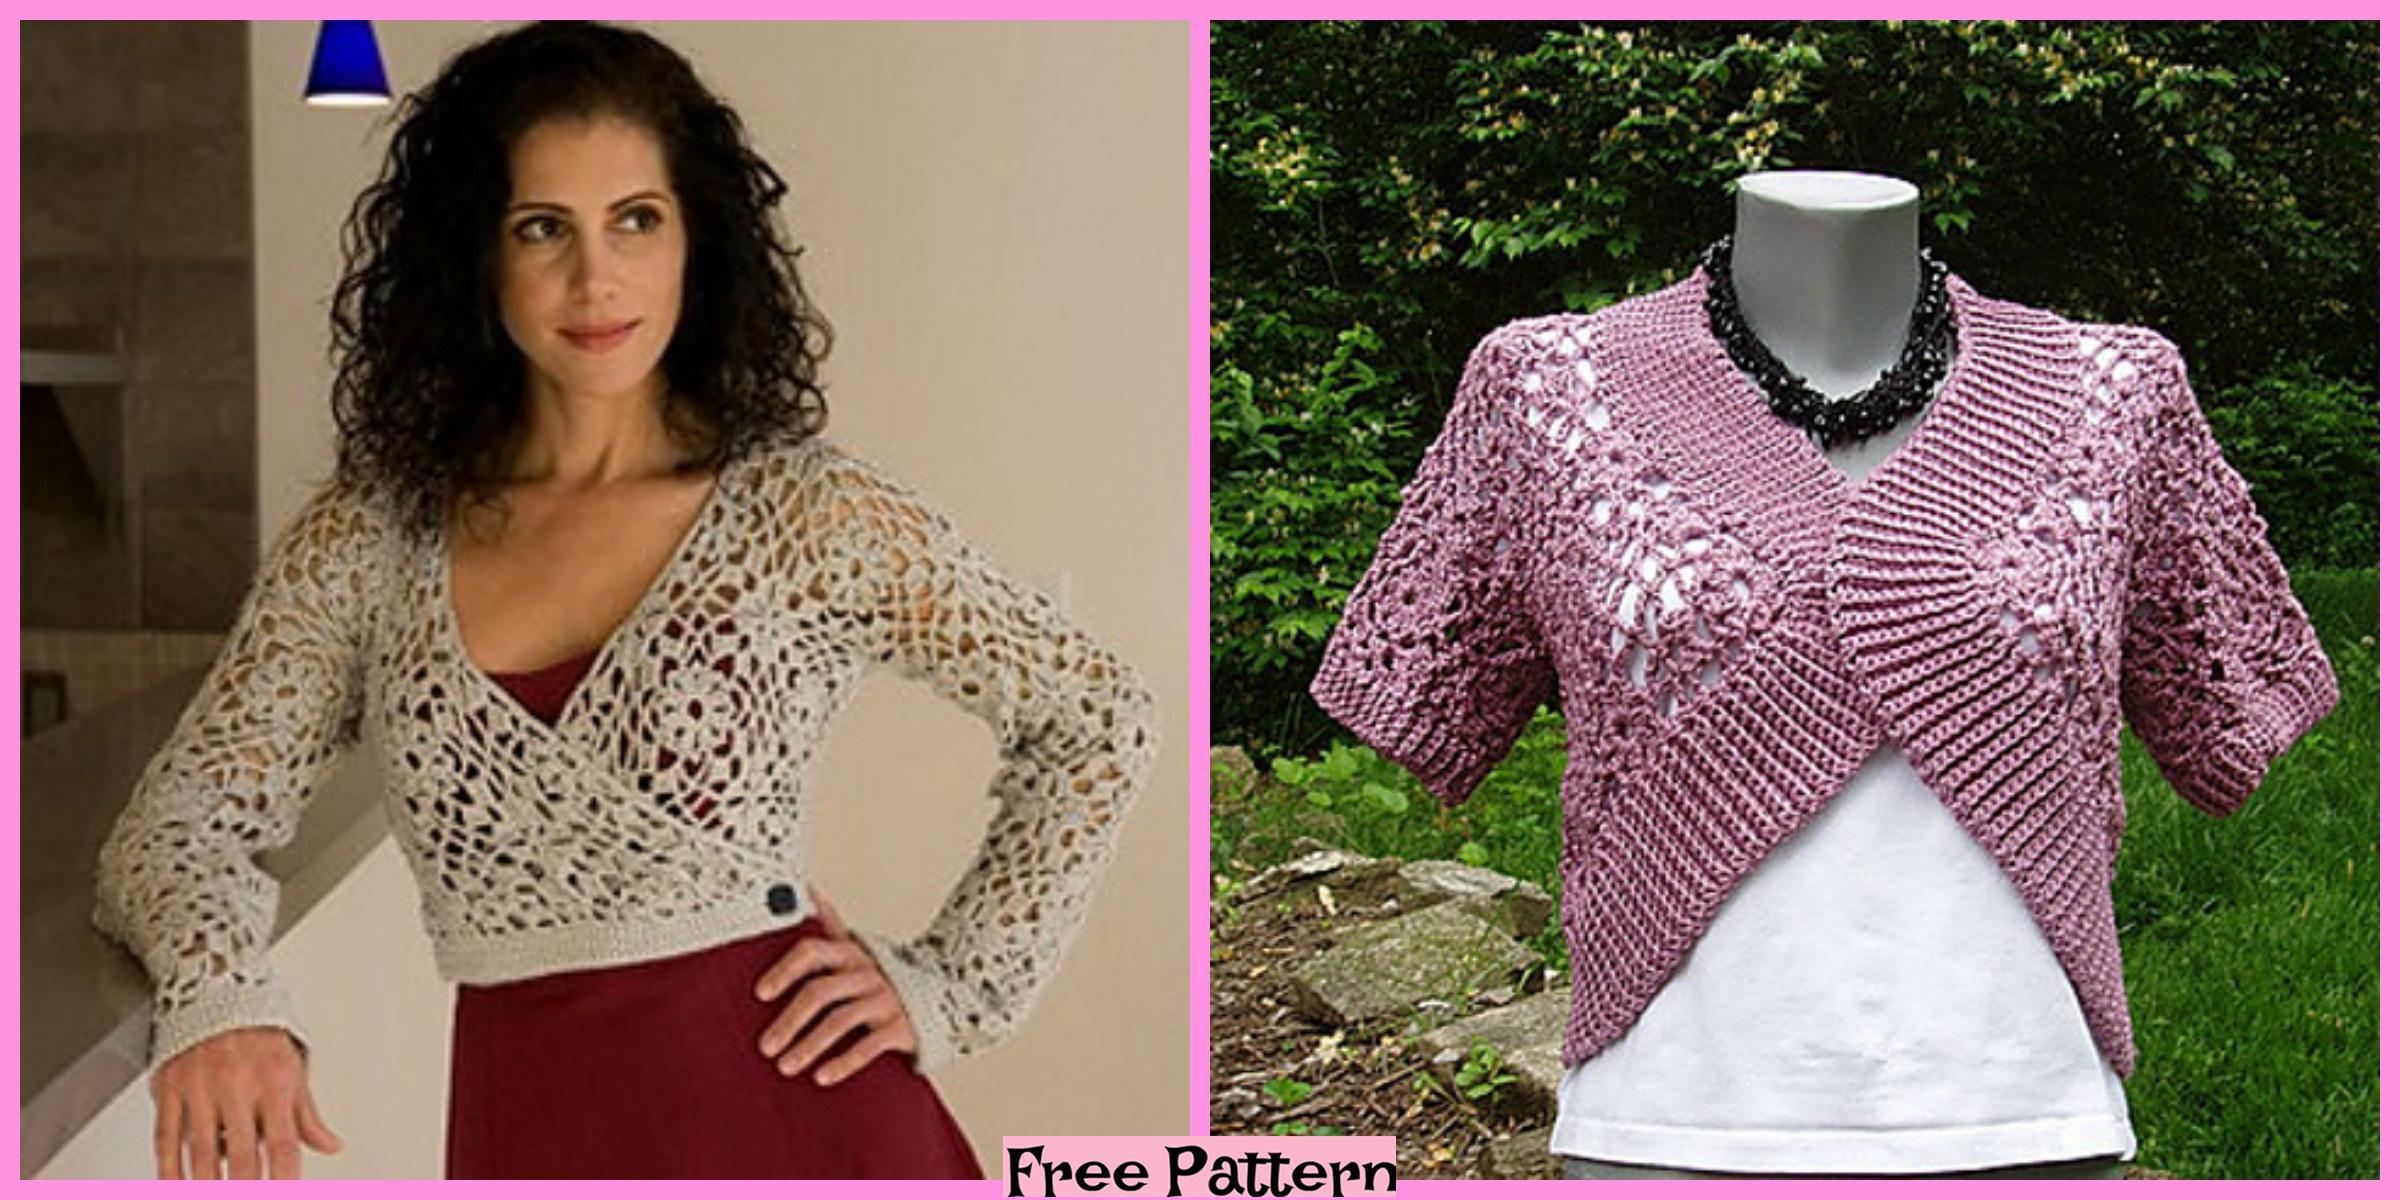 Stylish Crochet Wrap Top – Free Patterns